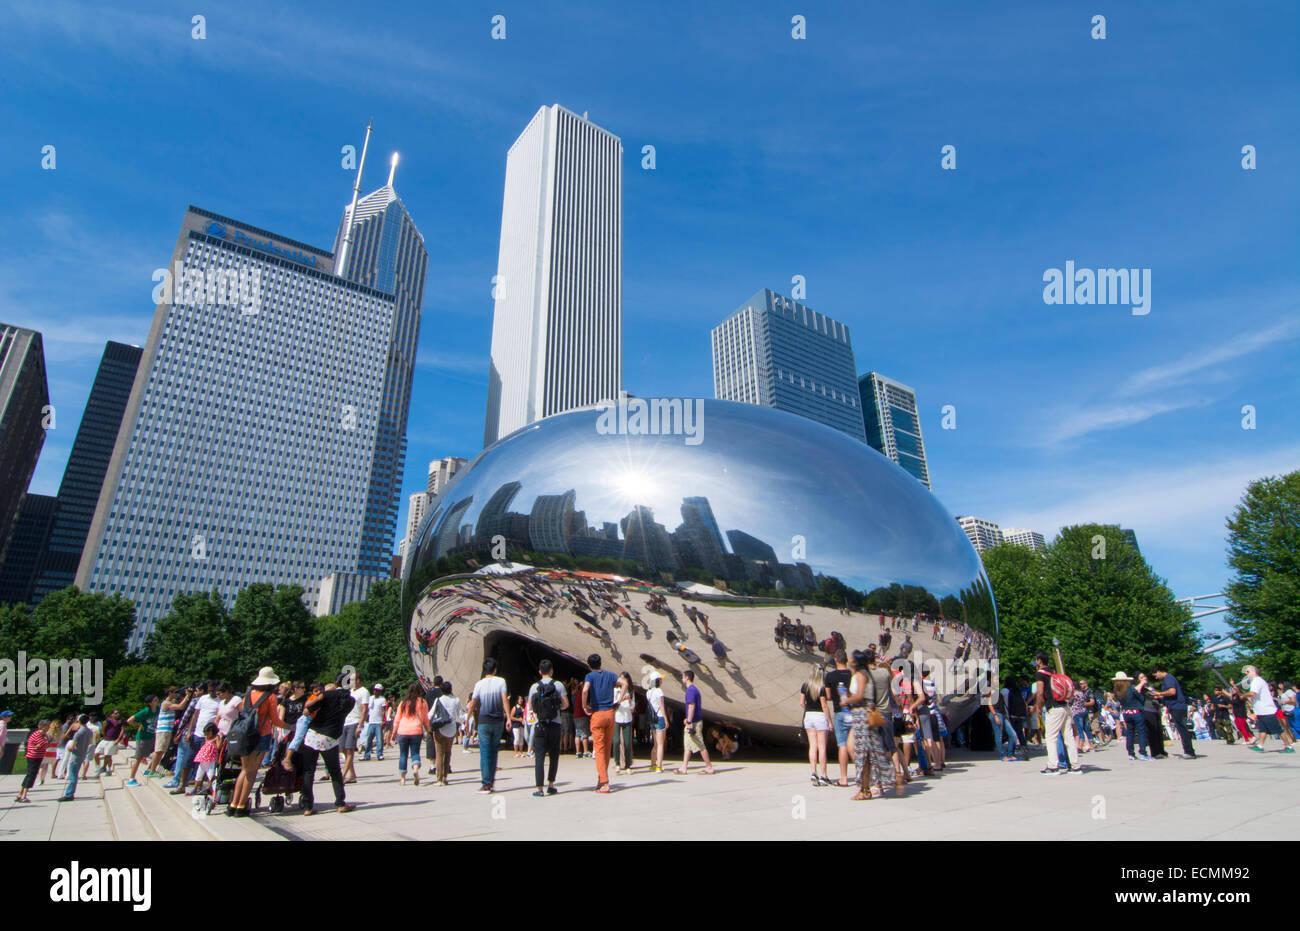 Chicago in Illinois il Millennium Park con il famoso Cloud Gate sculpture chiamato Bean con skyline di grattacieli Immagini Stock